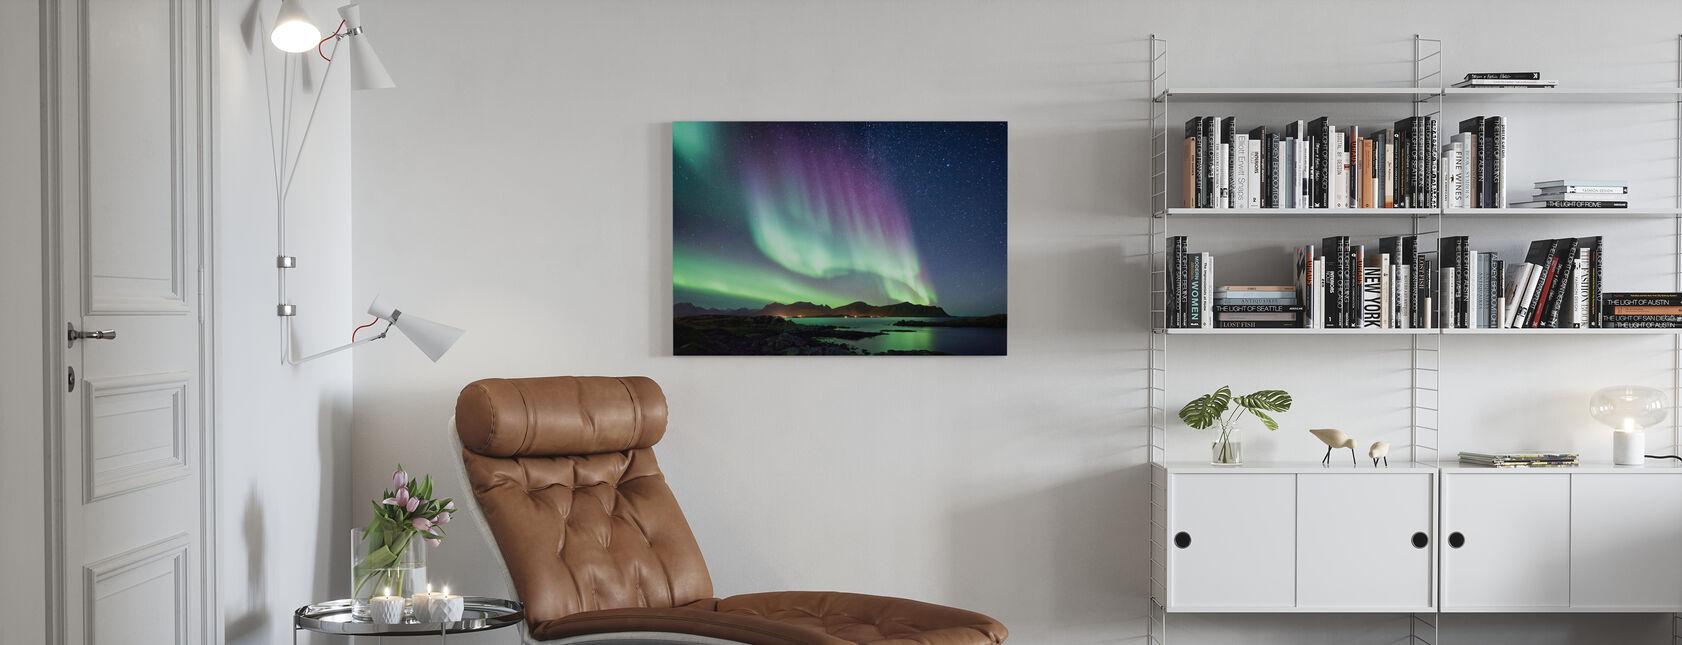 Aurora Borealis Nordlys - Lerretsbilde - Stue